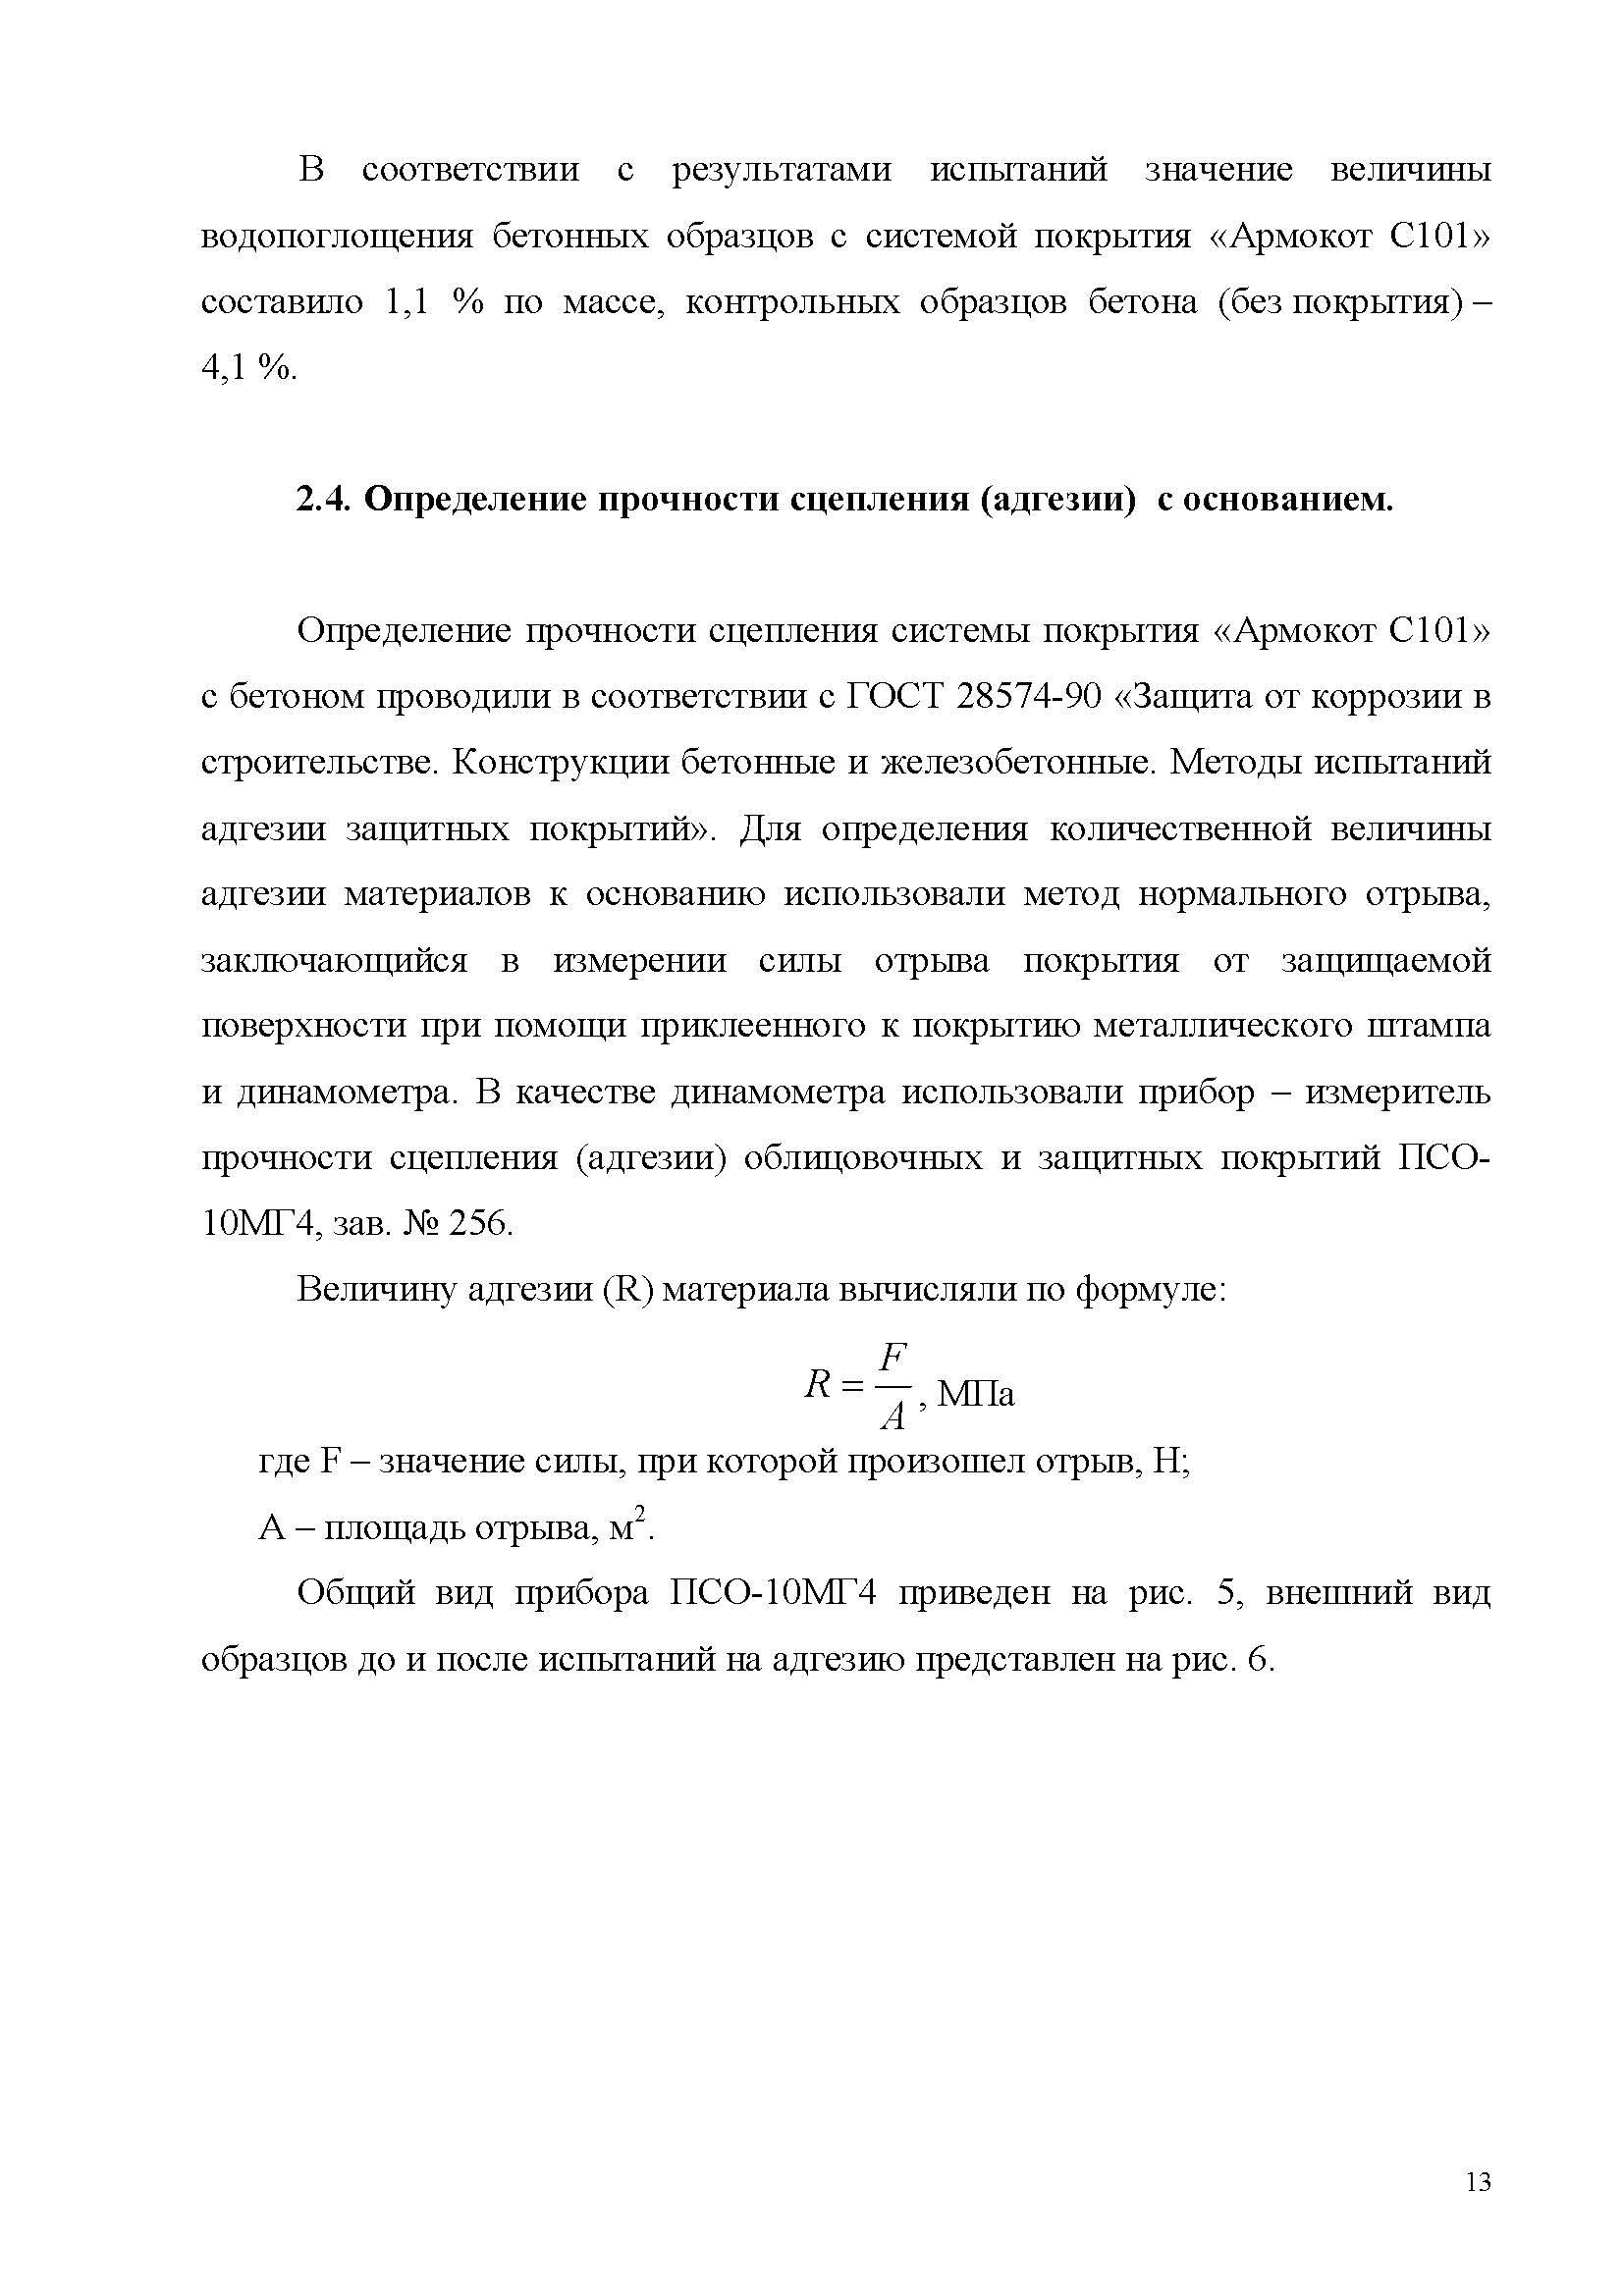 Заключение Морозов-КТБ Армокот С101_Страница_13